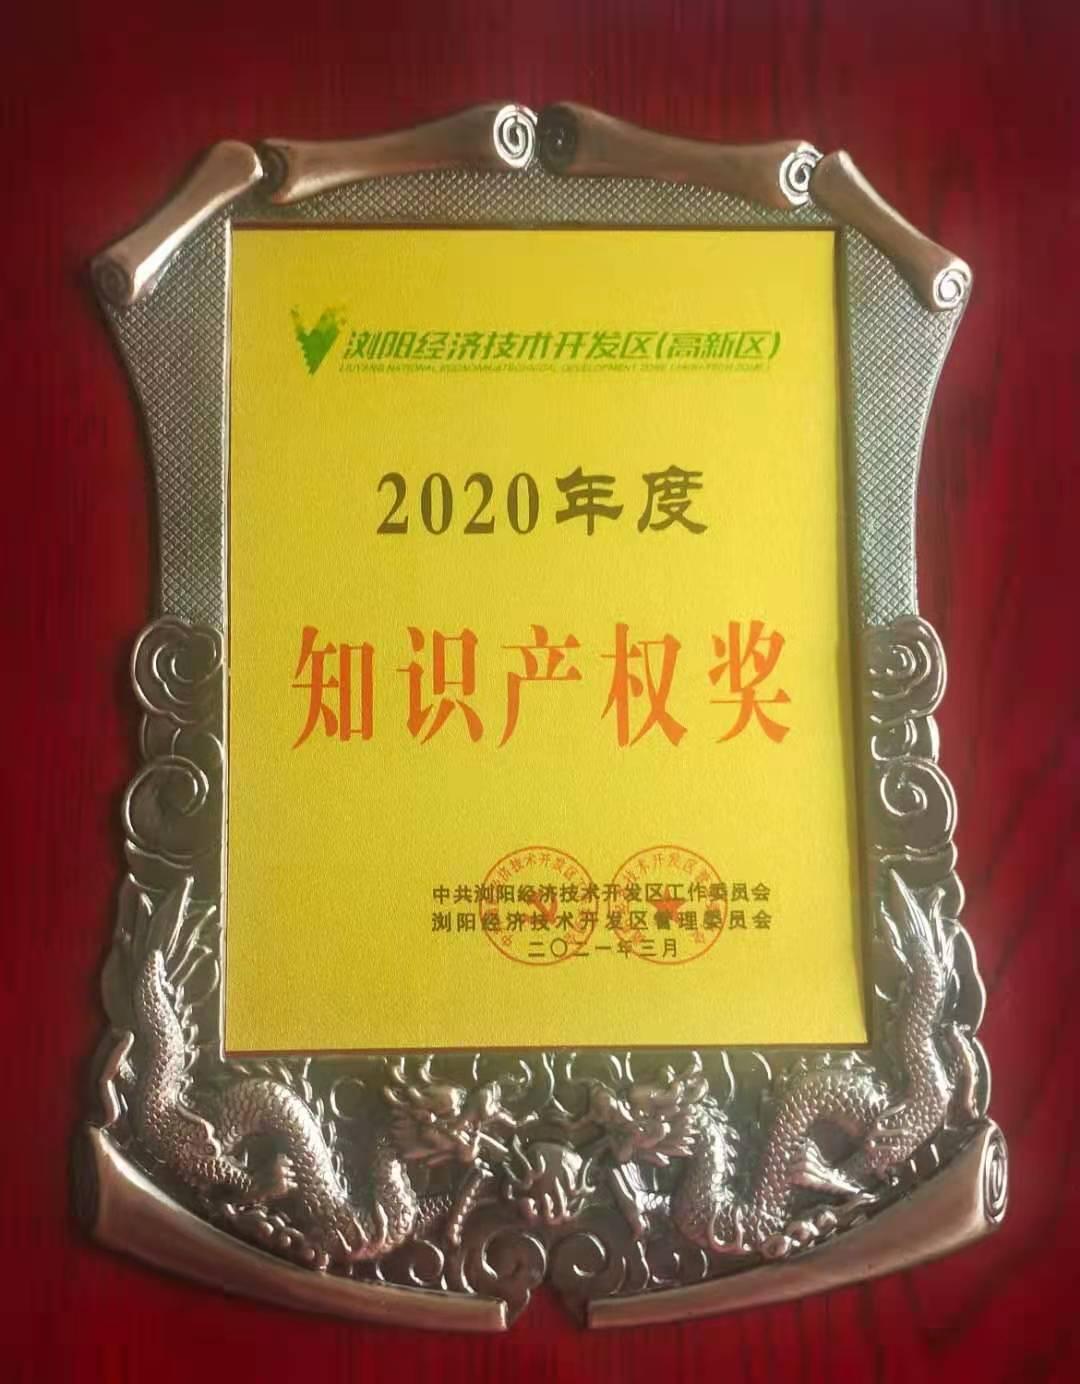 知識產權獎